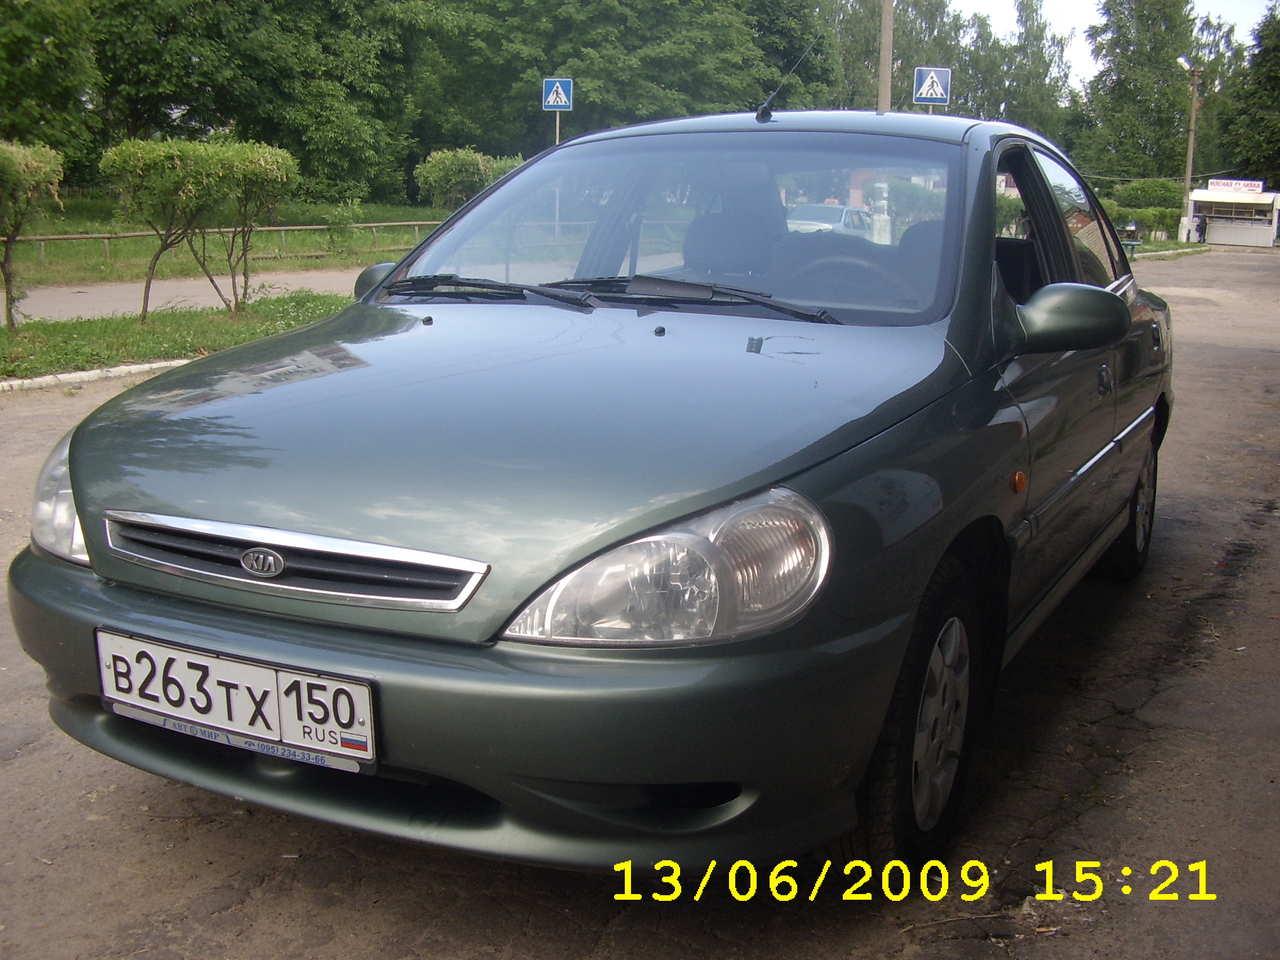 Used 2001 KIA RIO Photos 1500cc Gasoline FF Manual For Sale